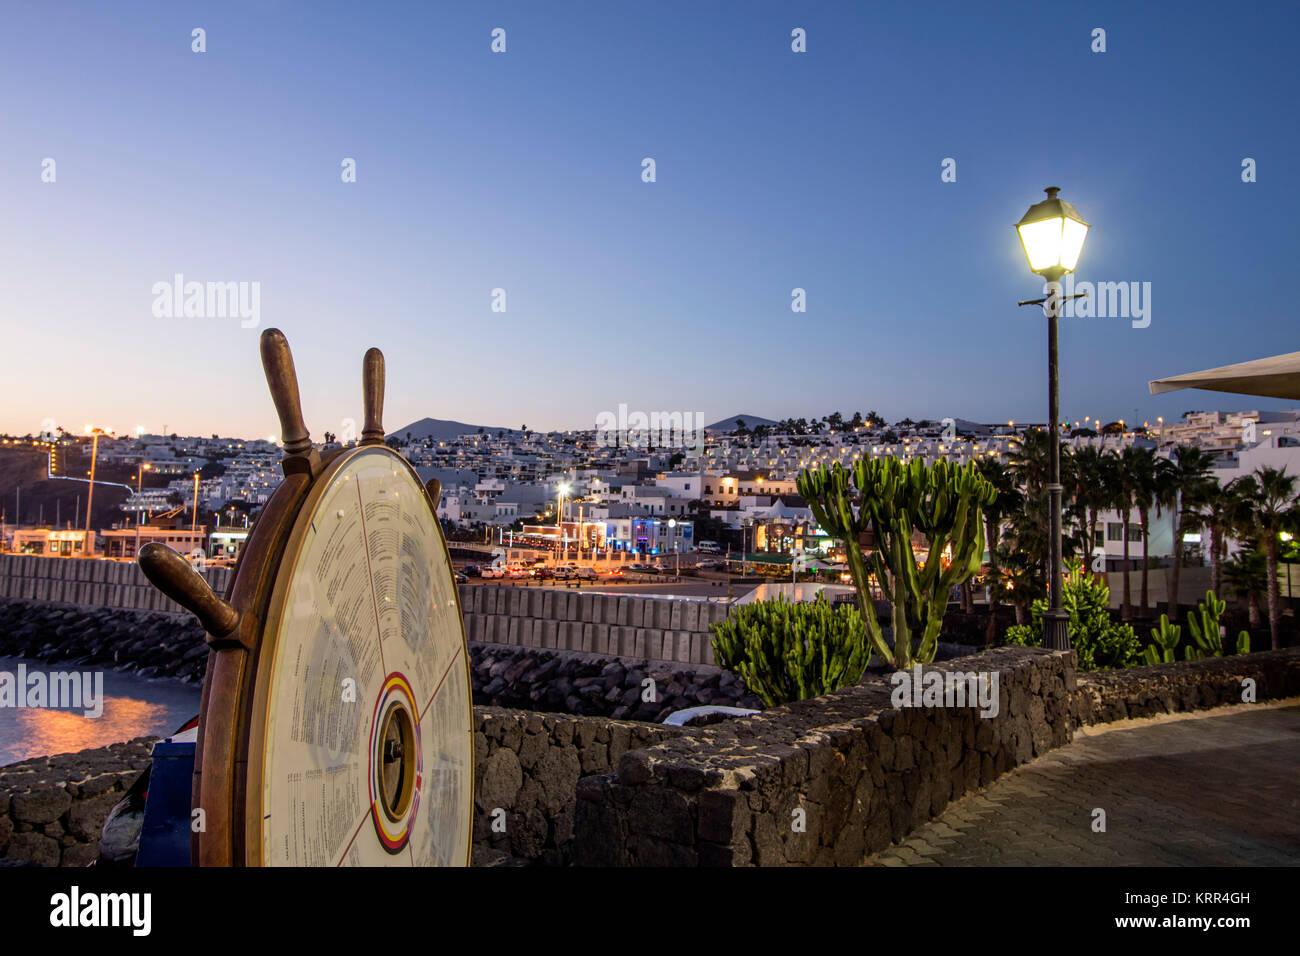 Puerto del Carmen, den alten Hafen, Dämmerung, Lanzarote, Kanarische Inseln, Spanien Stockbild